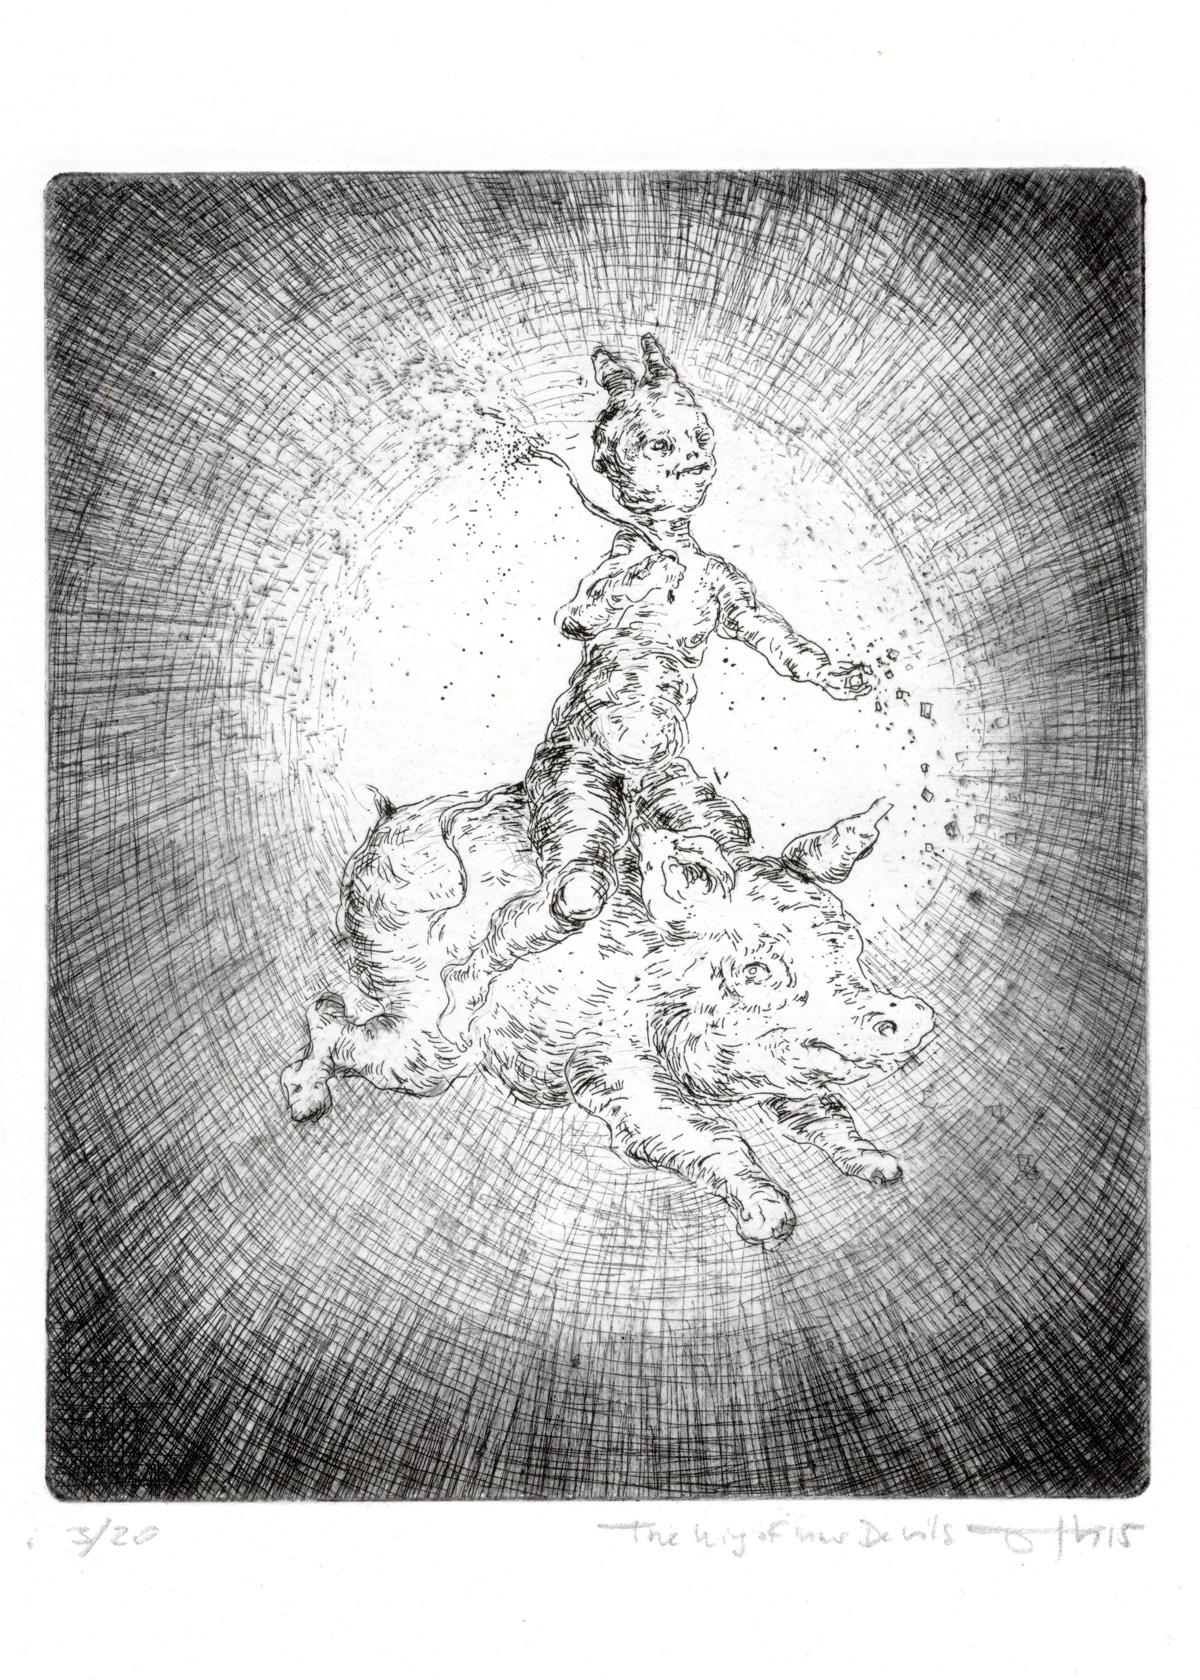 The King of inner Devils,2015, Ätzradierung und Kaltnadel auf Bütten, 29 x 21 cm